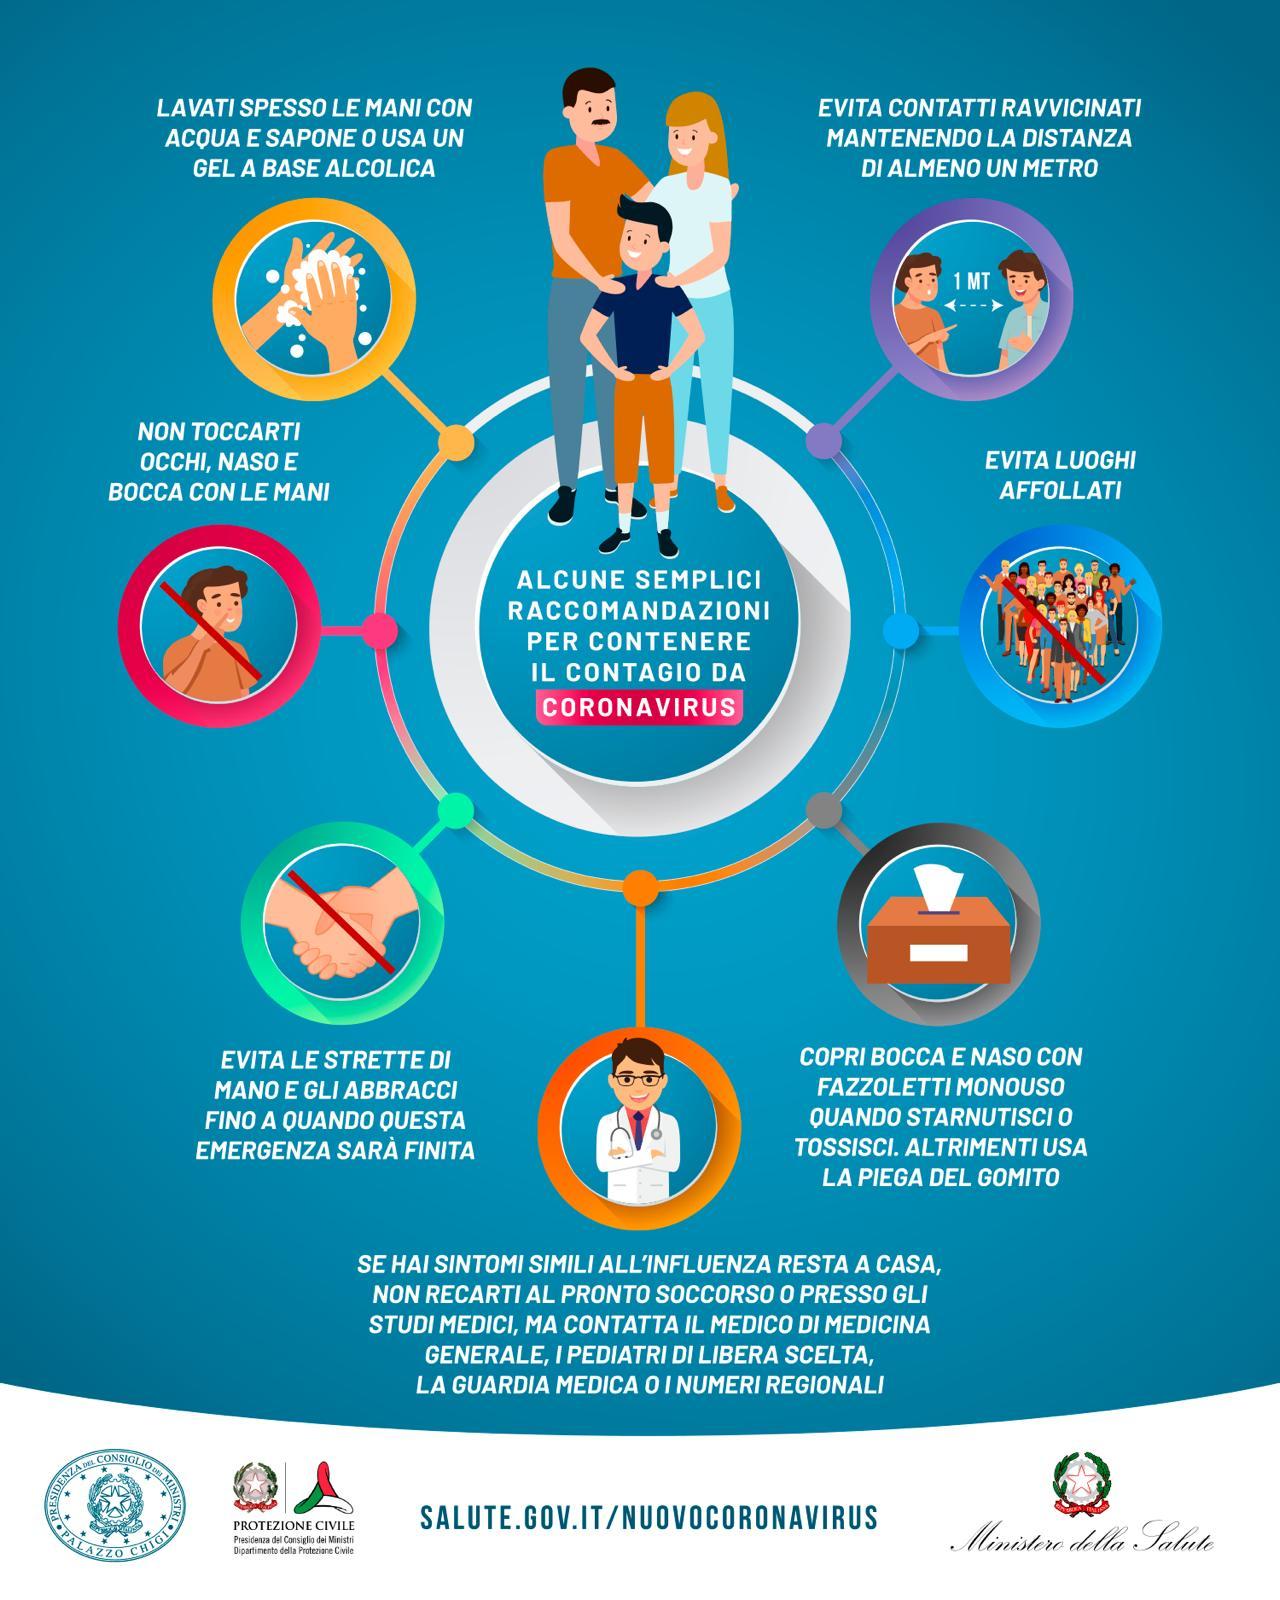 La campagna del Ministero della Salute sulle precauzioni da prendere contro il Coronavirus